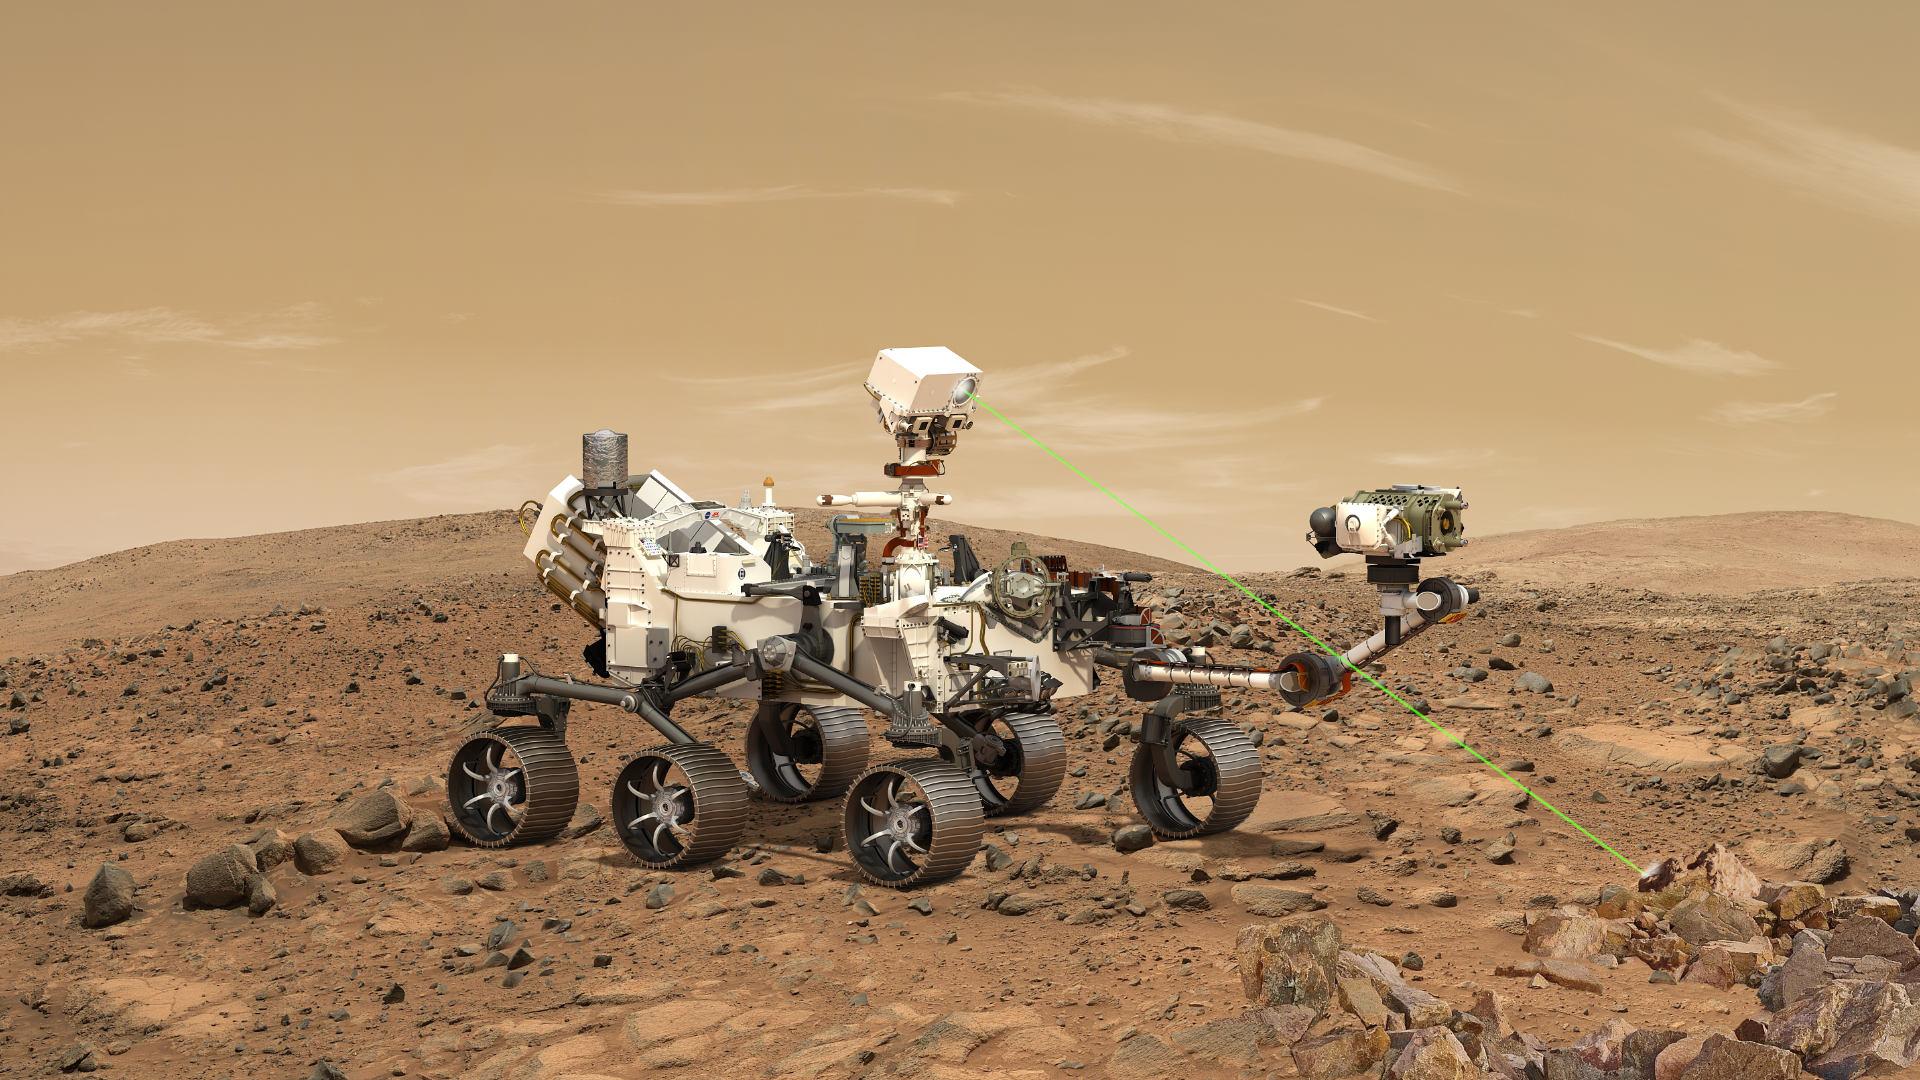 L'électricité statique risquerait-elle d'endommager les rovers sur Mars ? - Numerama